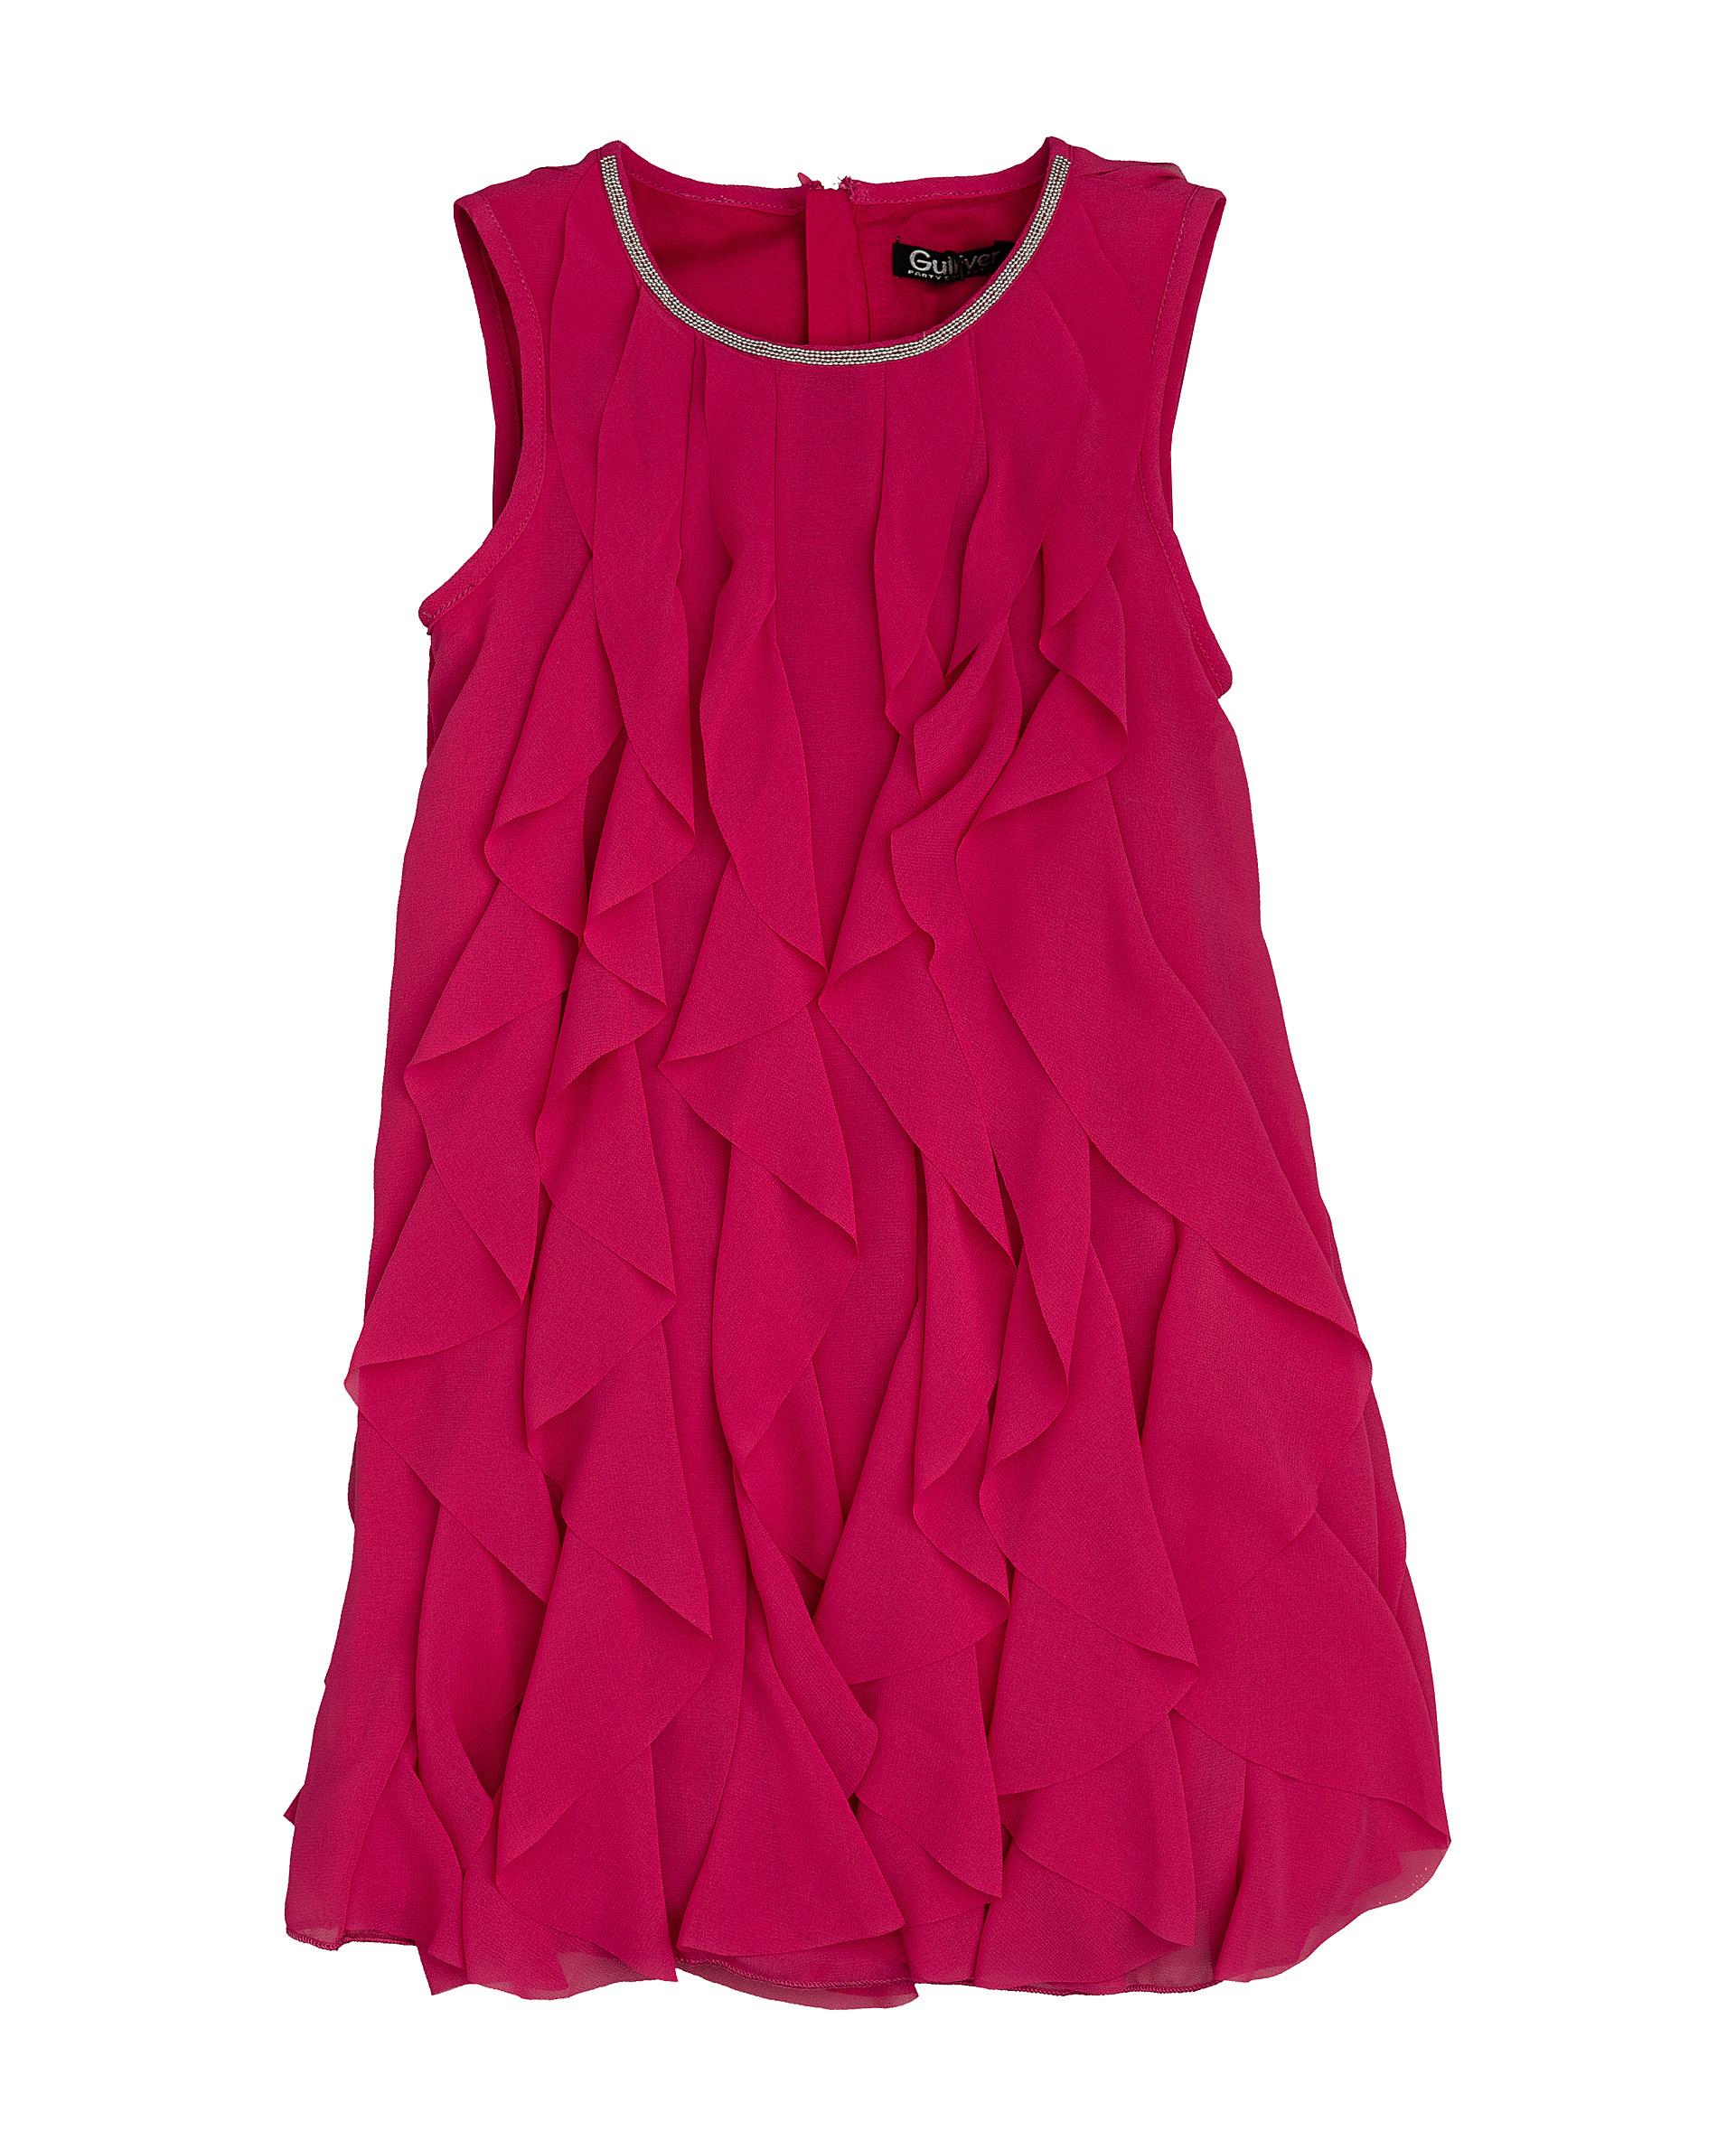 120GPGMC2507, Платье для девочек Gulliver, цв. фуксия, р.104,  - купить со скидкой